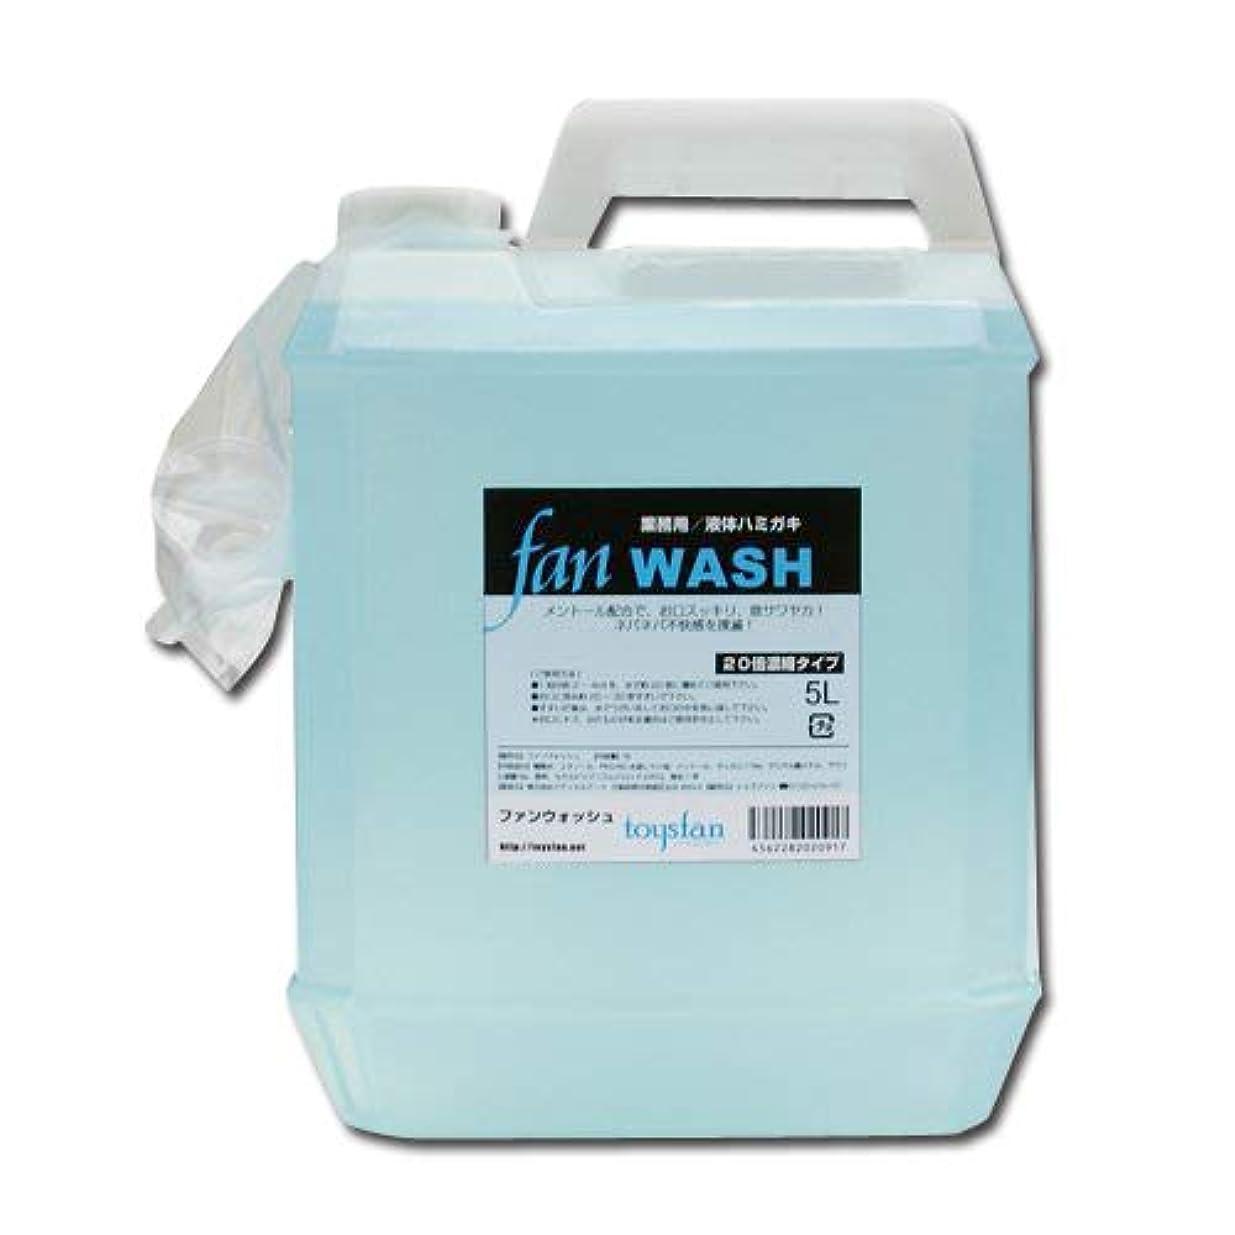 条約トラフつかまえるファンウォッシュ 5L(20倍濃縮)業務用液体ハミガキ FAN WASHメントール配合│液体歯磨き大容量!うがい液